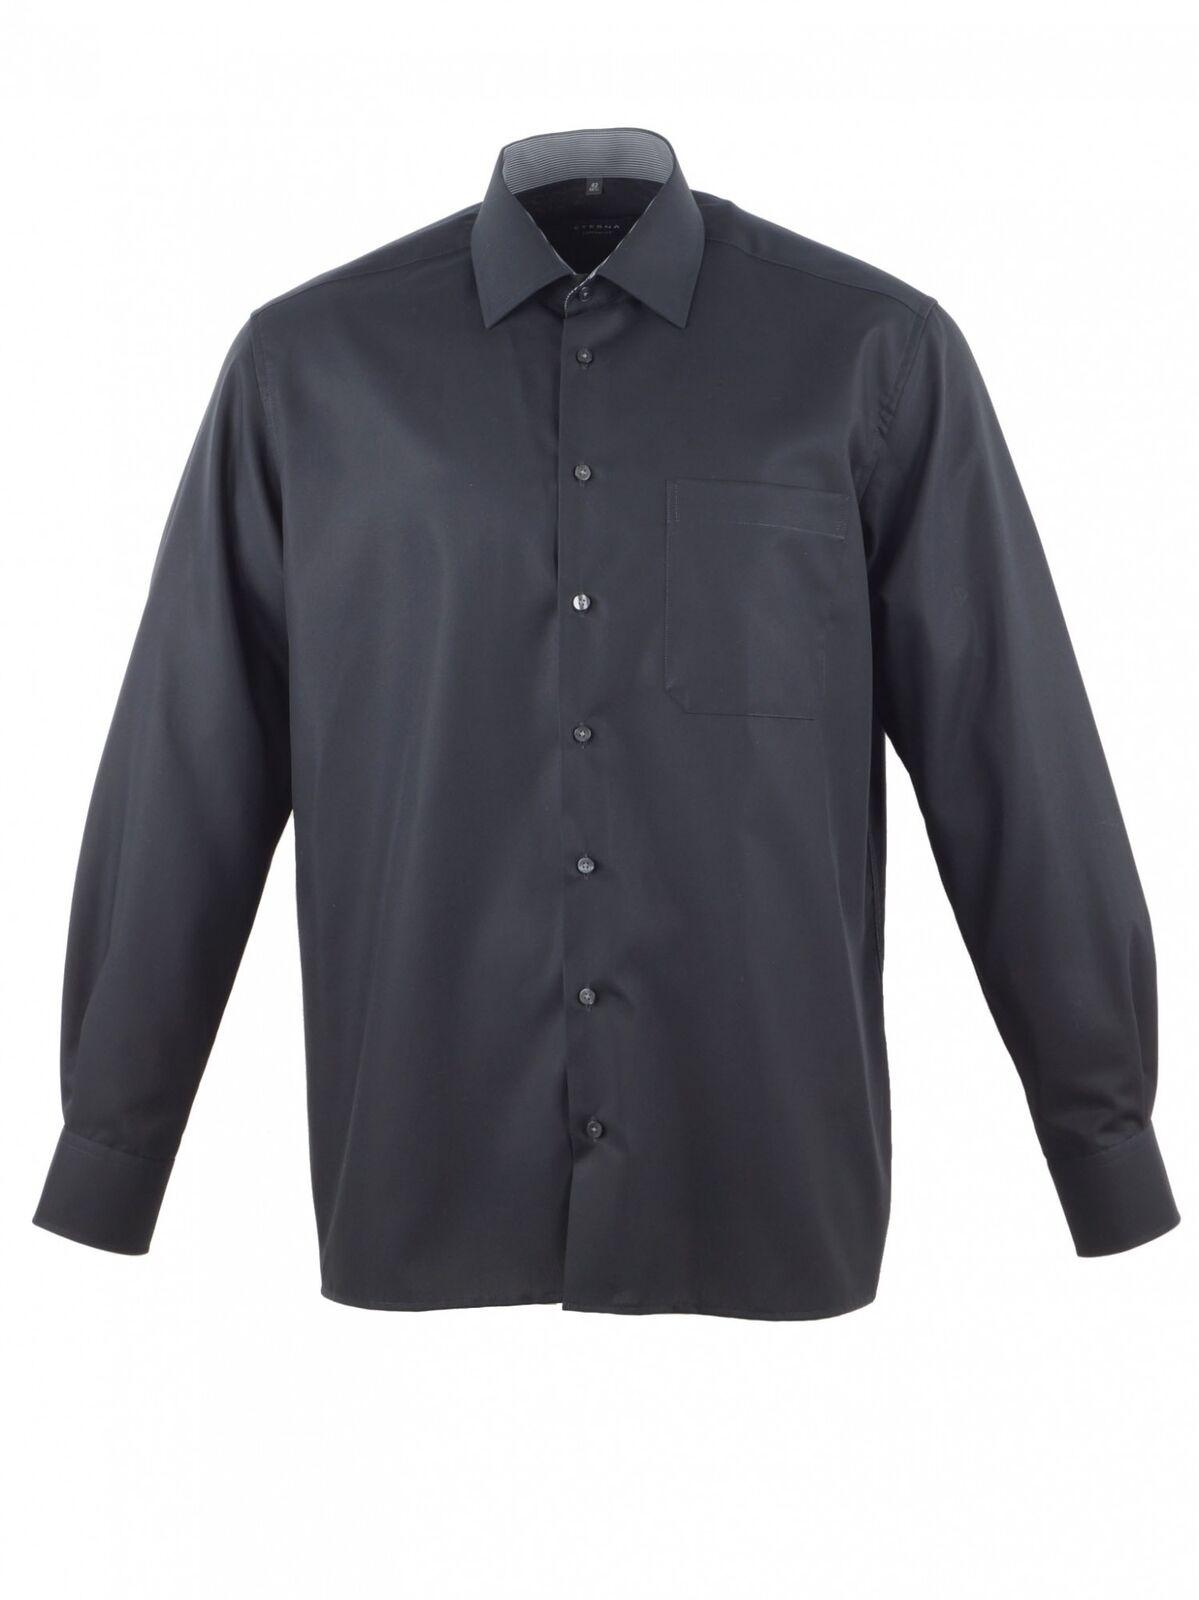 Eterna Herren Hemd Langarm L 42 Comfort Fit Schwarz 1003 39 E14E | Zu einem erschwinglichen Preis